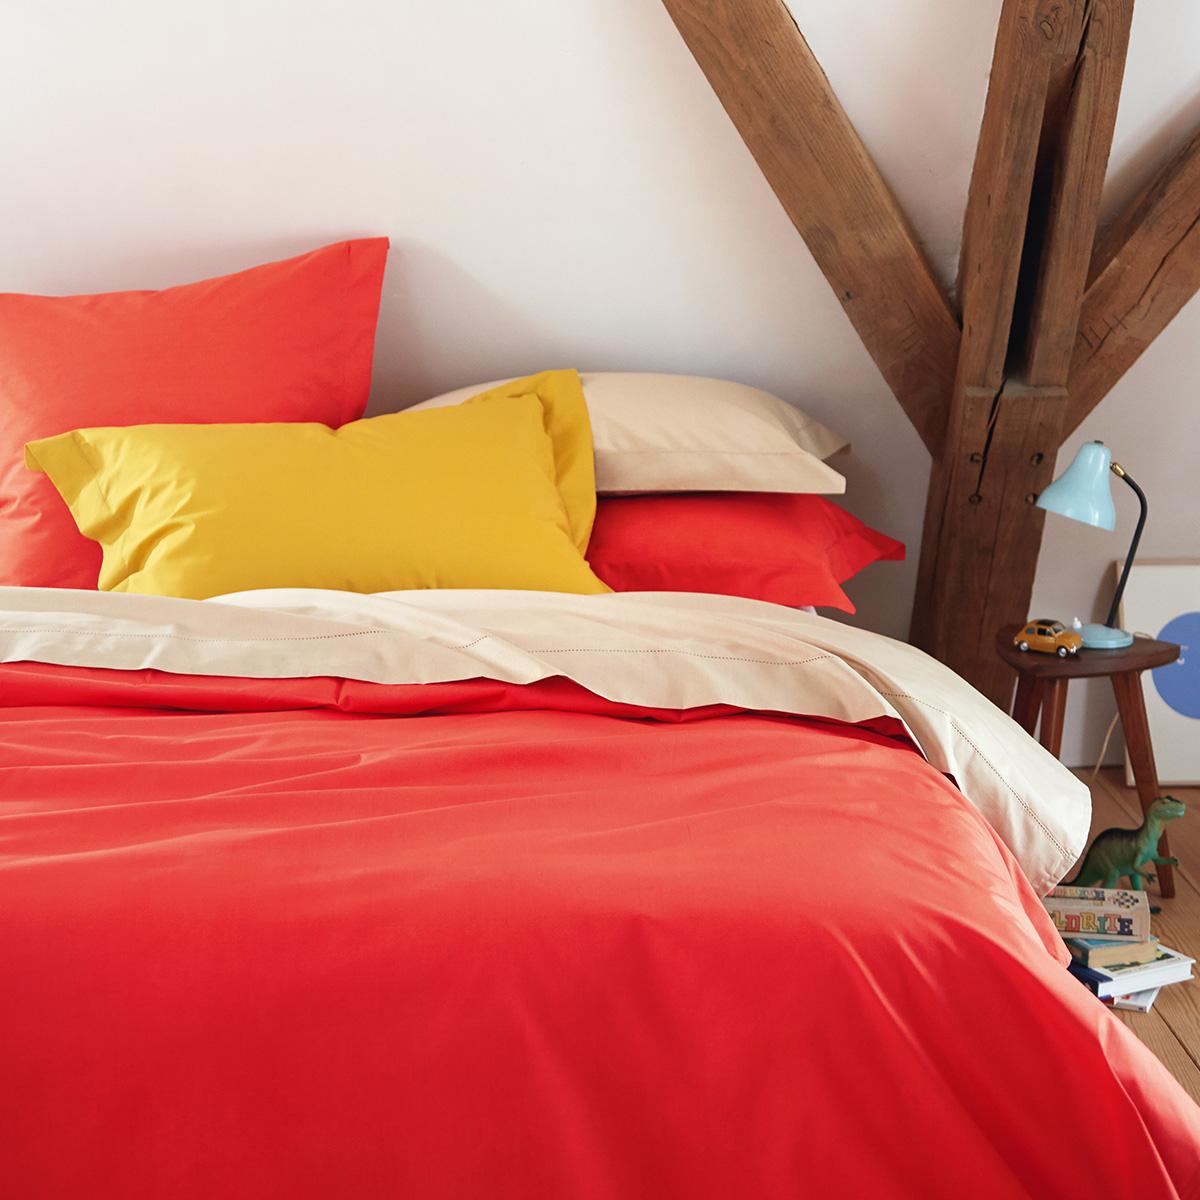 Housse de couette percale Rouge 200 x 200 cm